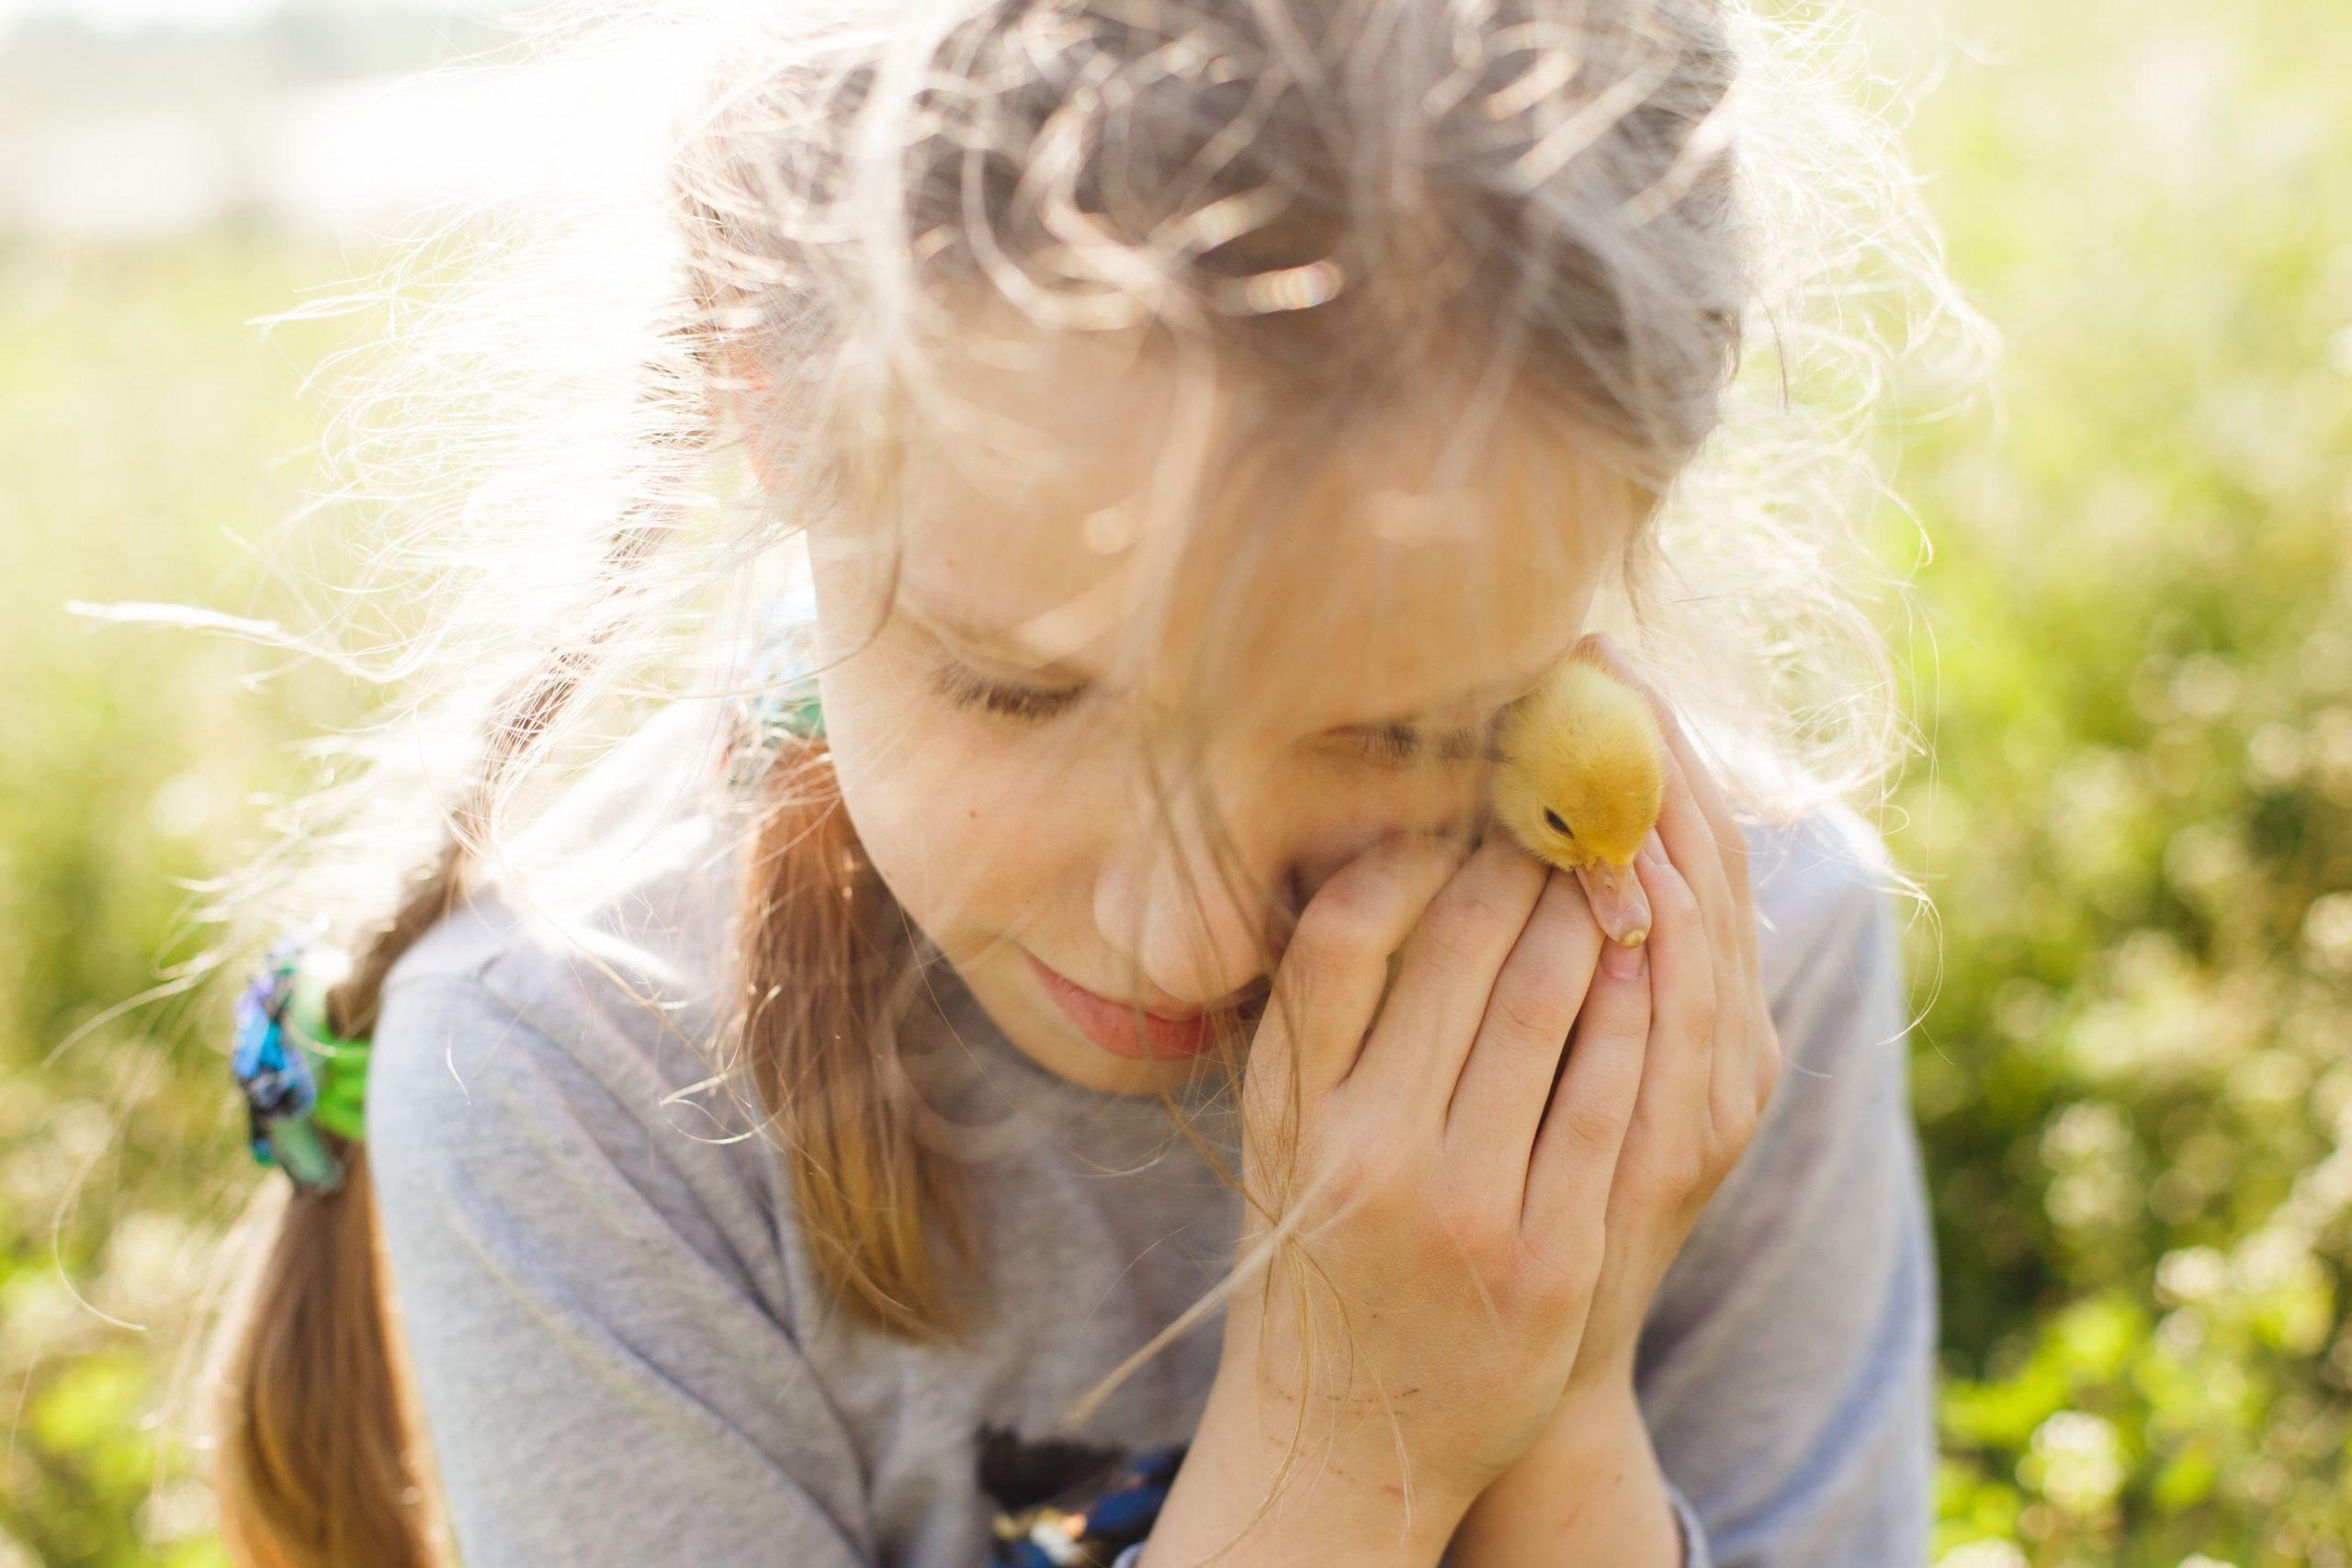 Některé děti jsou pomalejší, i když jsou nadané, protože o věcech víc přemýšlí, a to zabere čas.